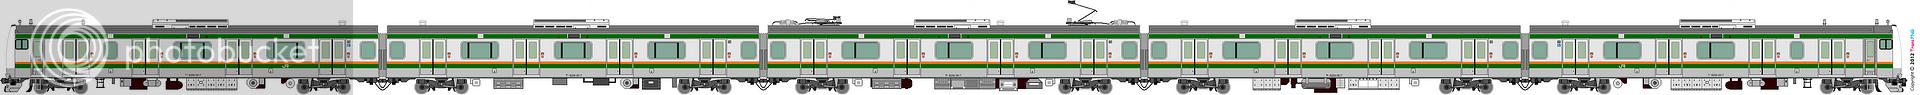 [5381] 東日本旅客鉄道 2381